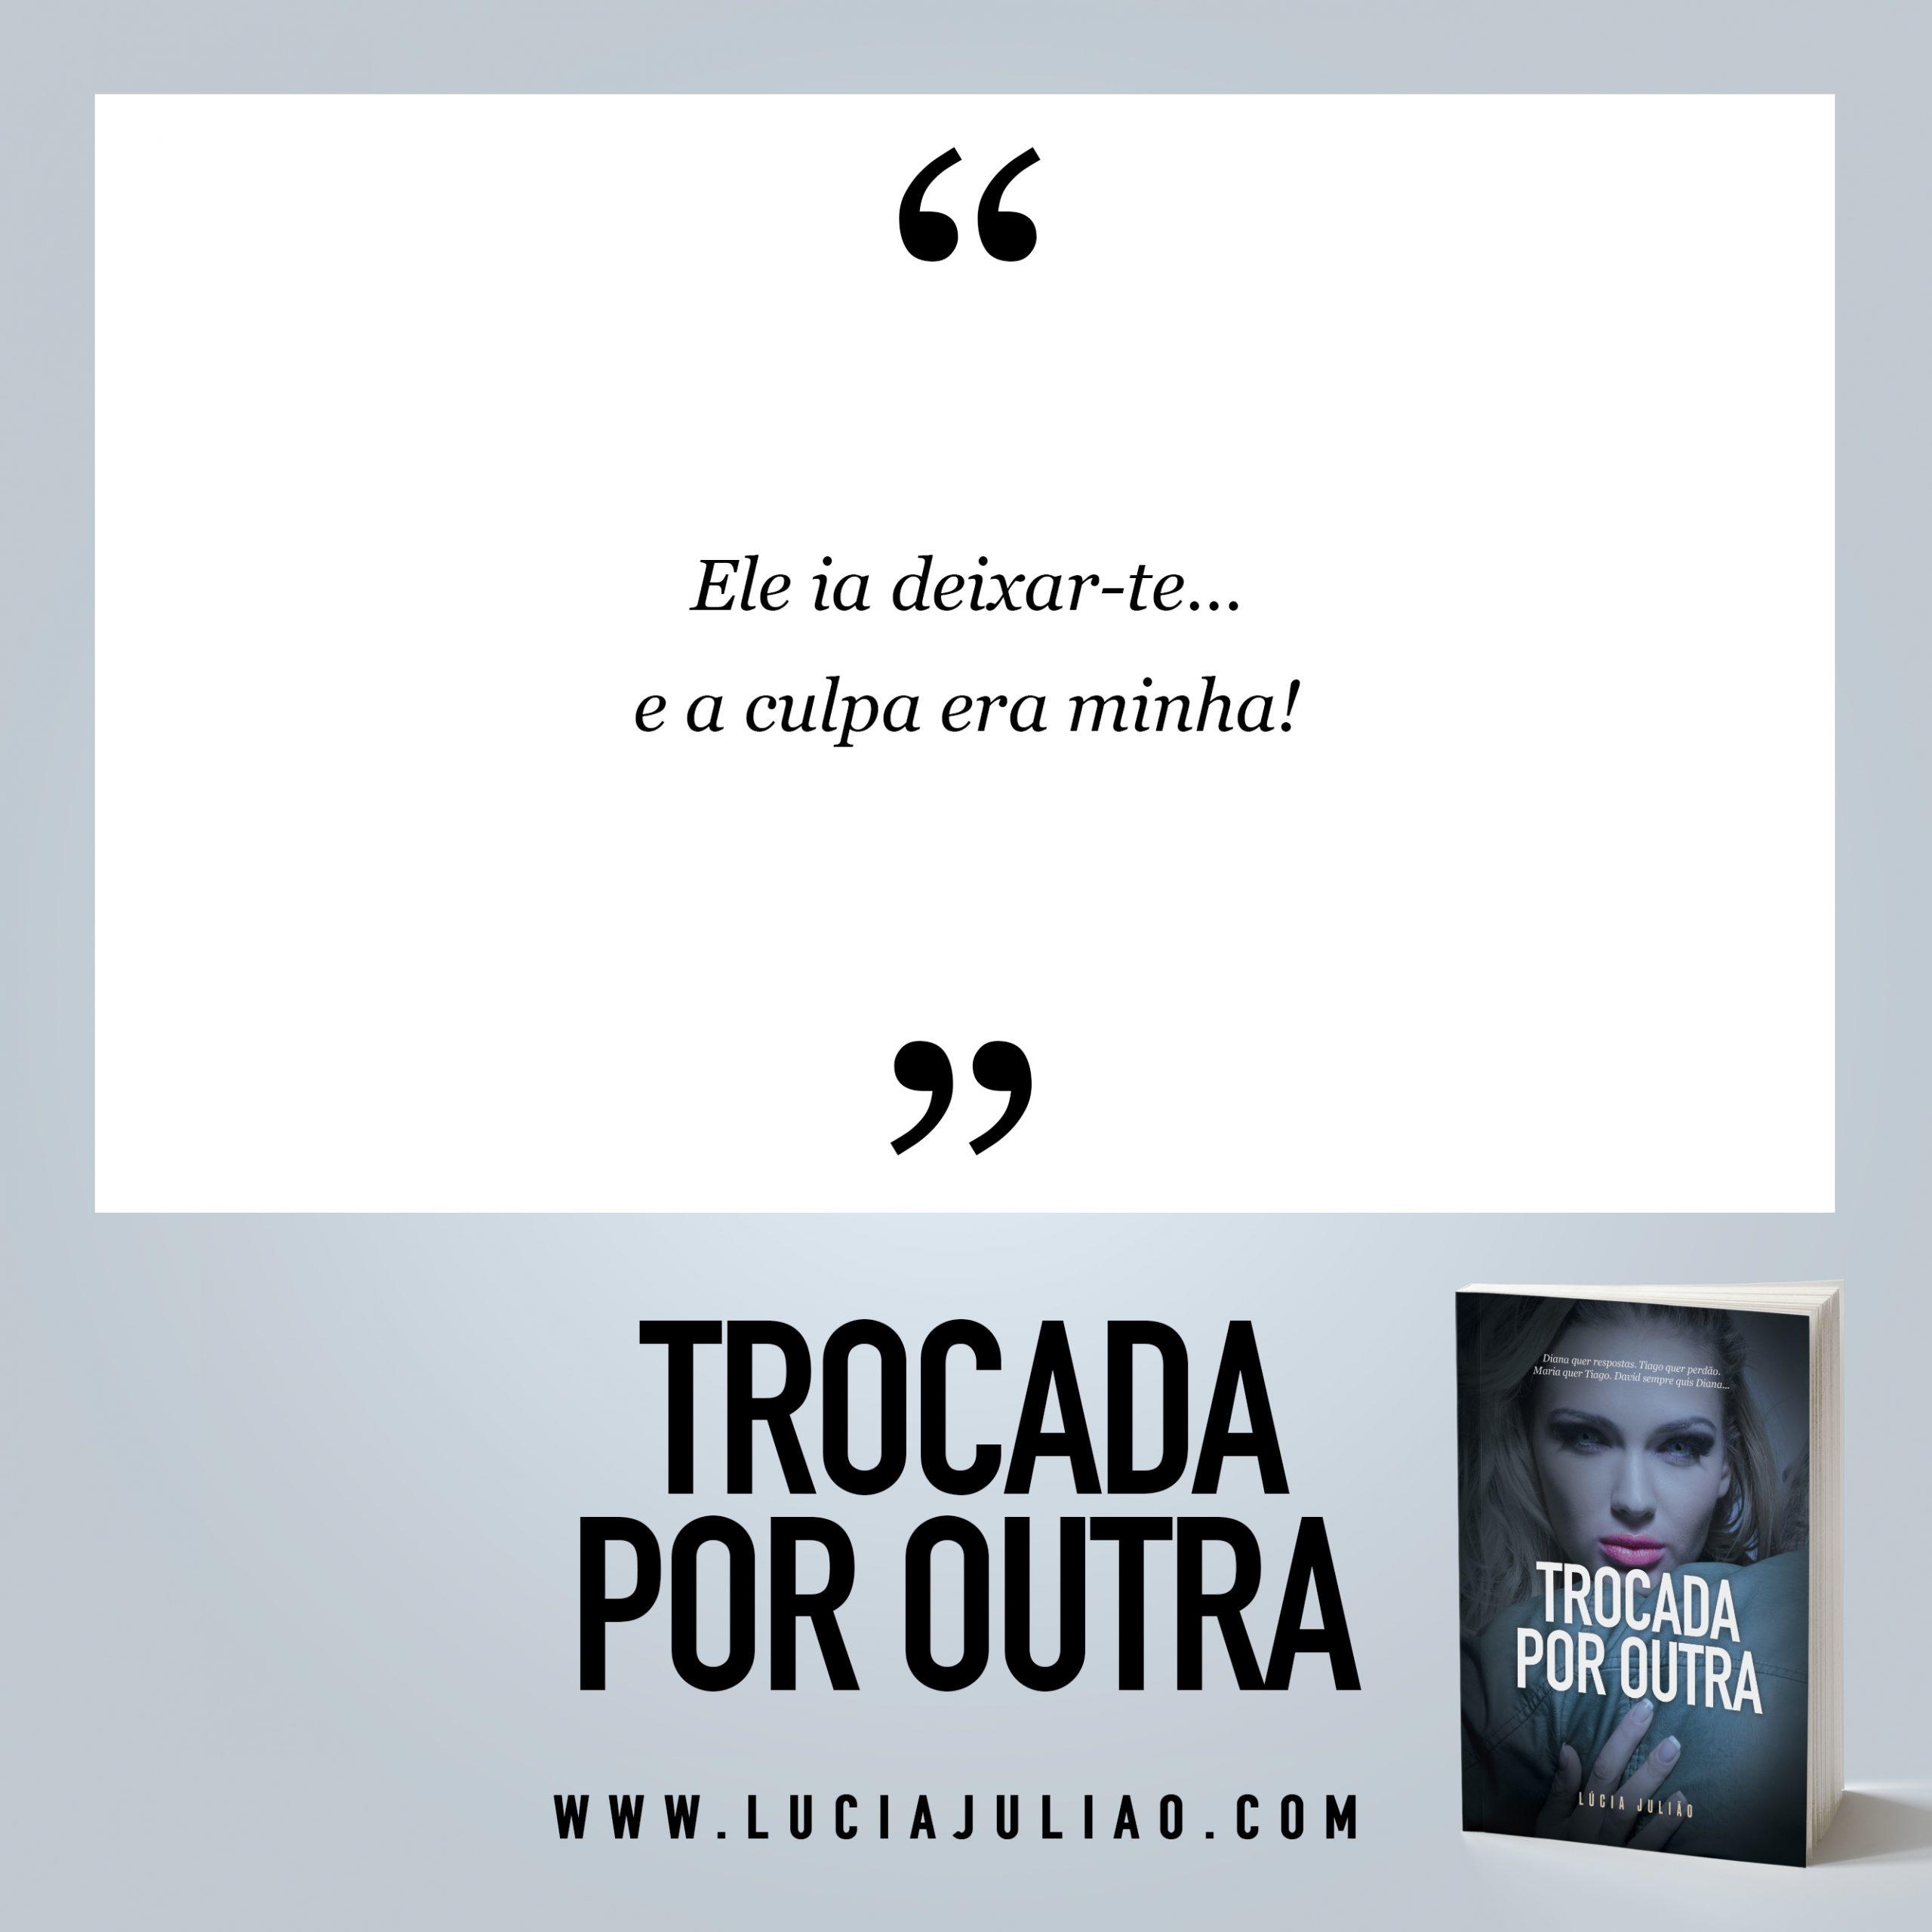 044Q - capitulo 13 Trocada por outra - Lúcia Julião